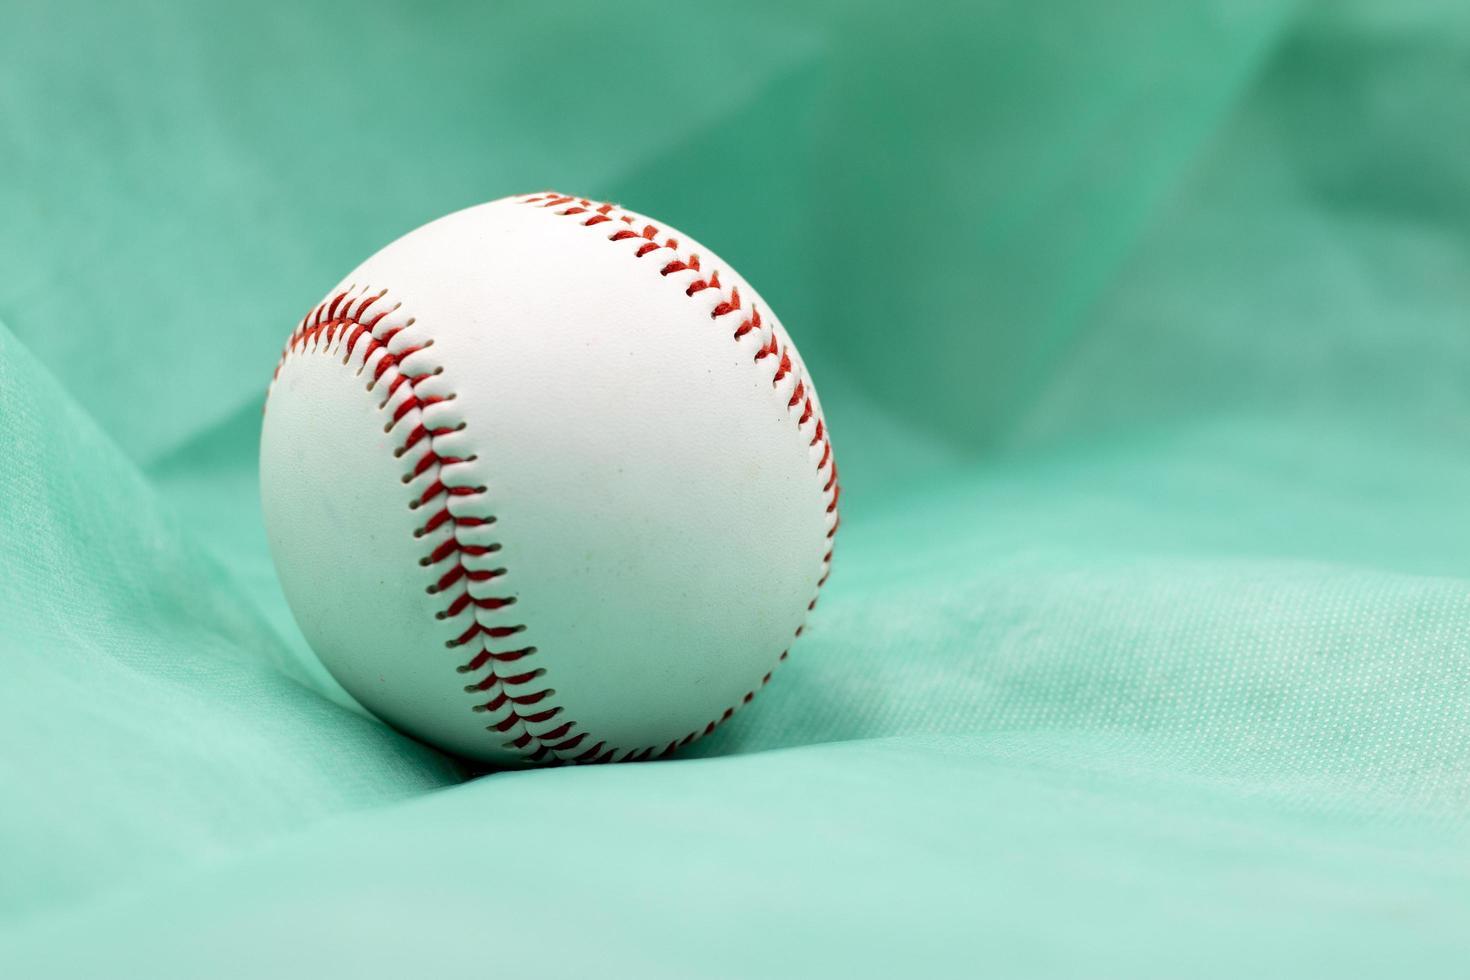 le baseball est sur fond vert photo